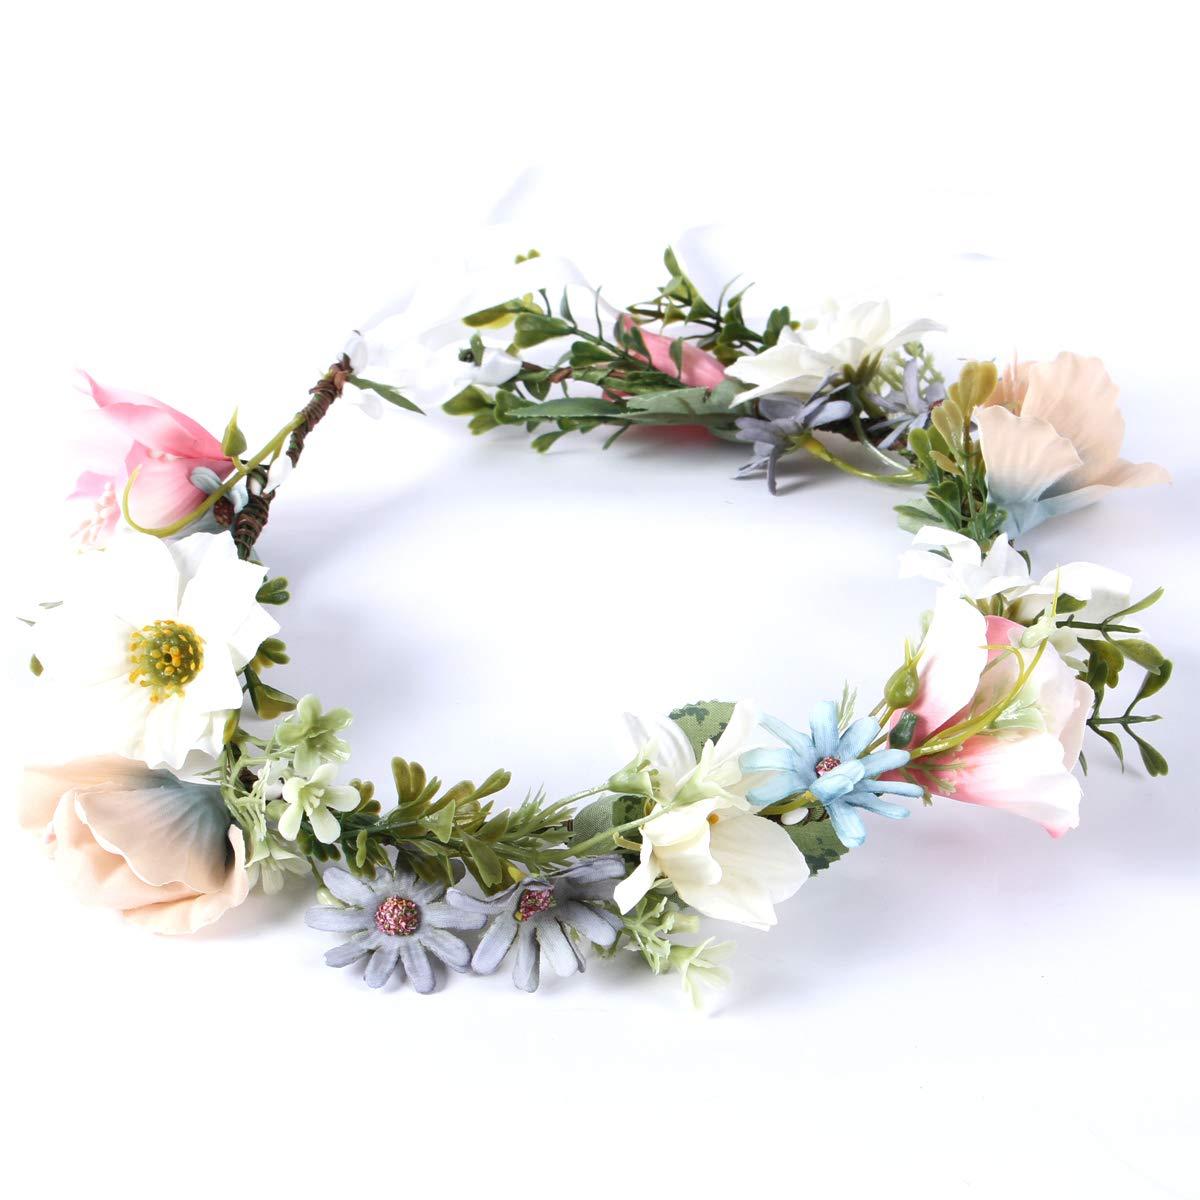 Gmoka Flower Crown for Women, Wedding Festival Galentine Flower Adjustable Headbands Headpiece Best Love Gift for Girls, Children Sen Female White Imitation Wreath Great with Dress